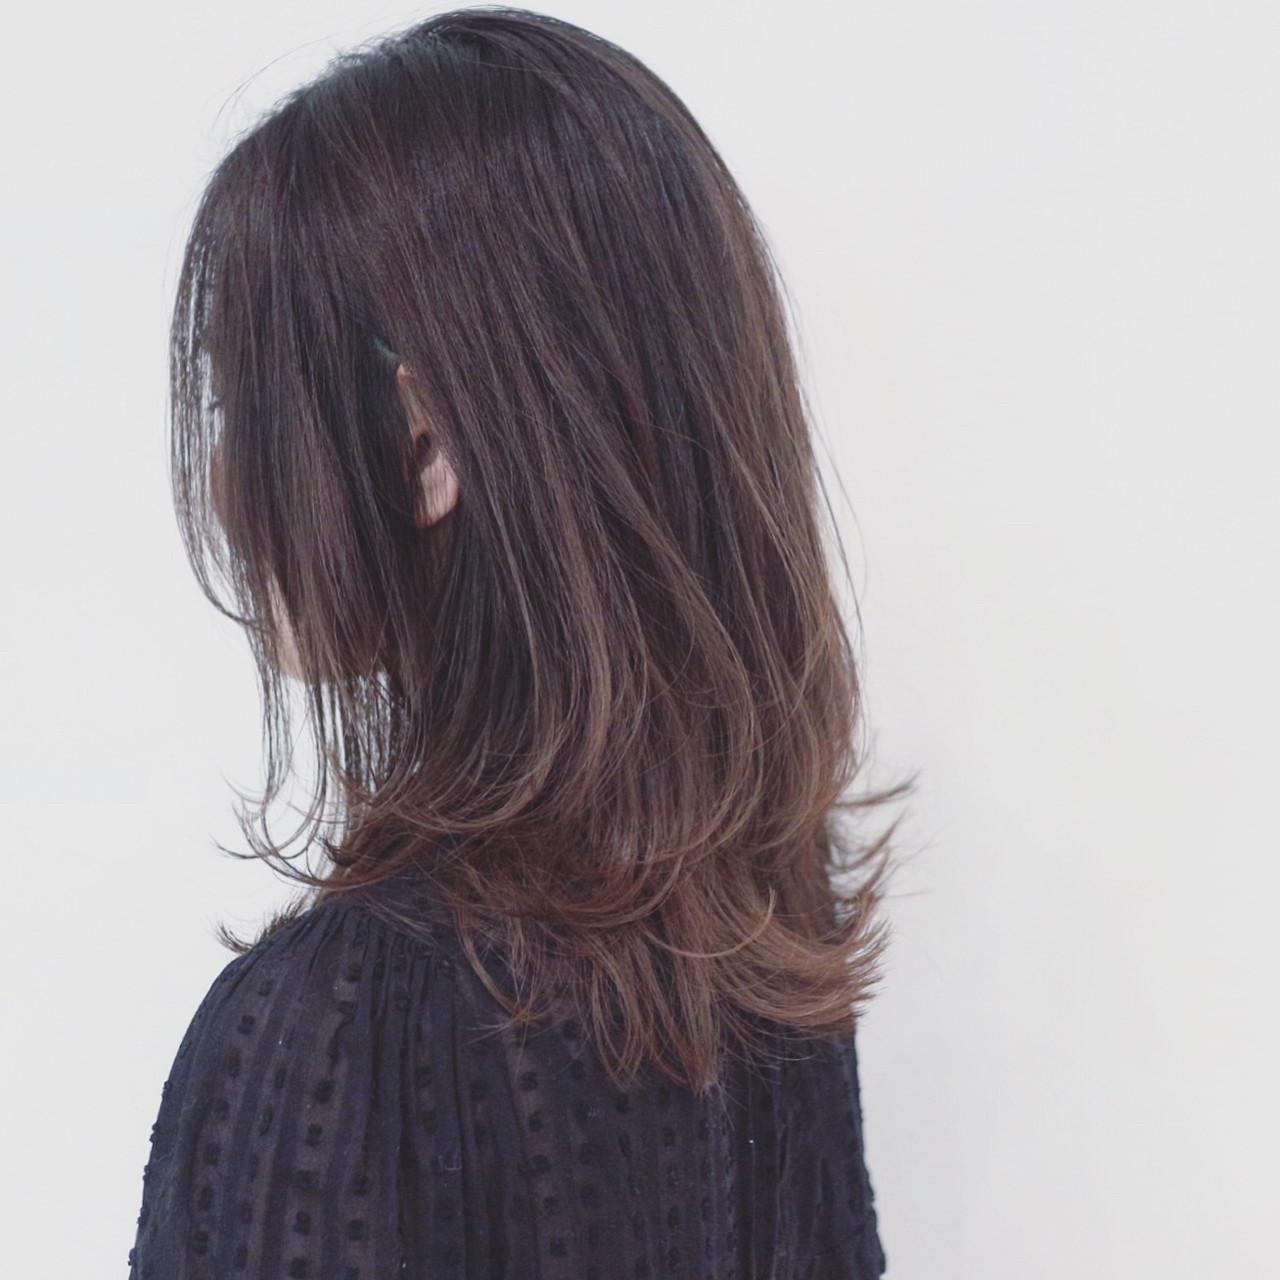 アッシュグレージュ グラデーションカラー オフィス 外国人風カラー ヘアスタイルや髪型の写真・画像 | 三好 佳奈美 / Baco.(バコ)